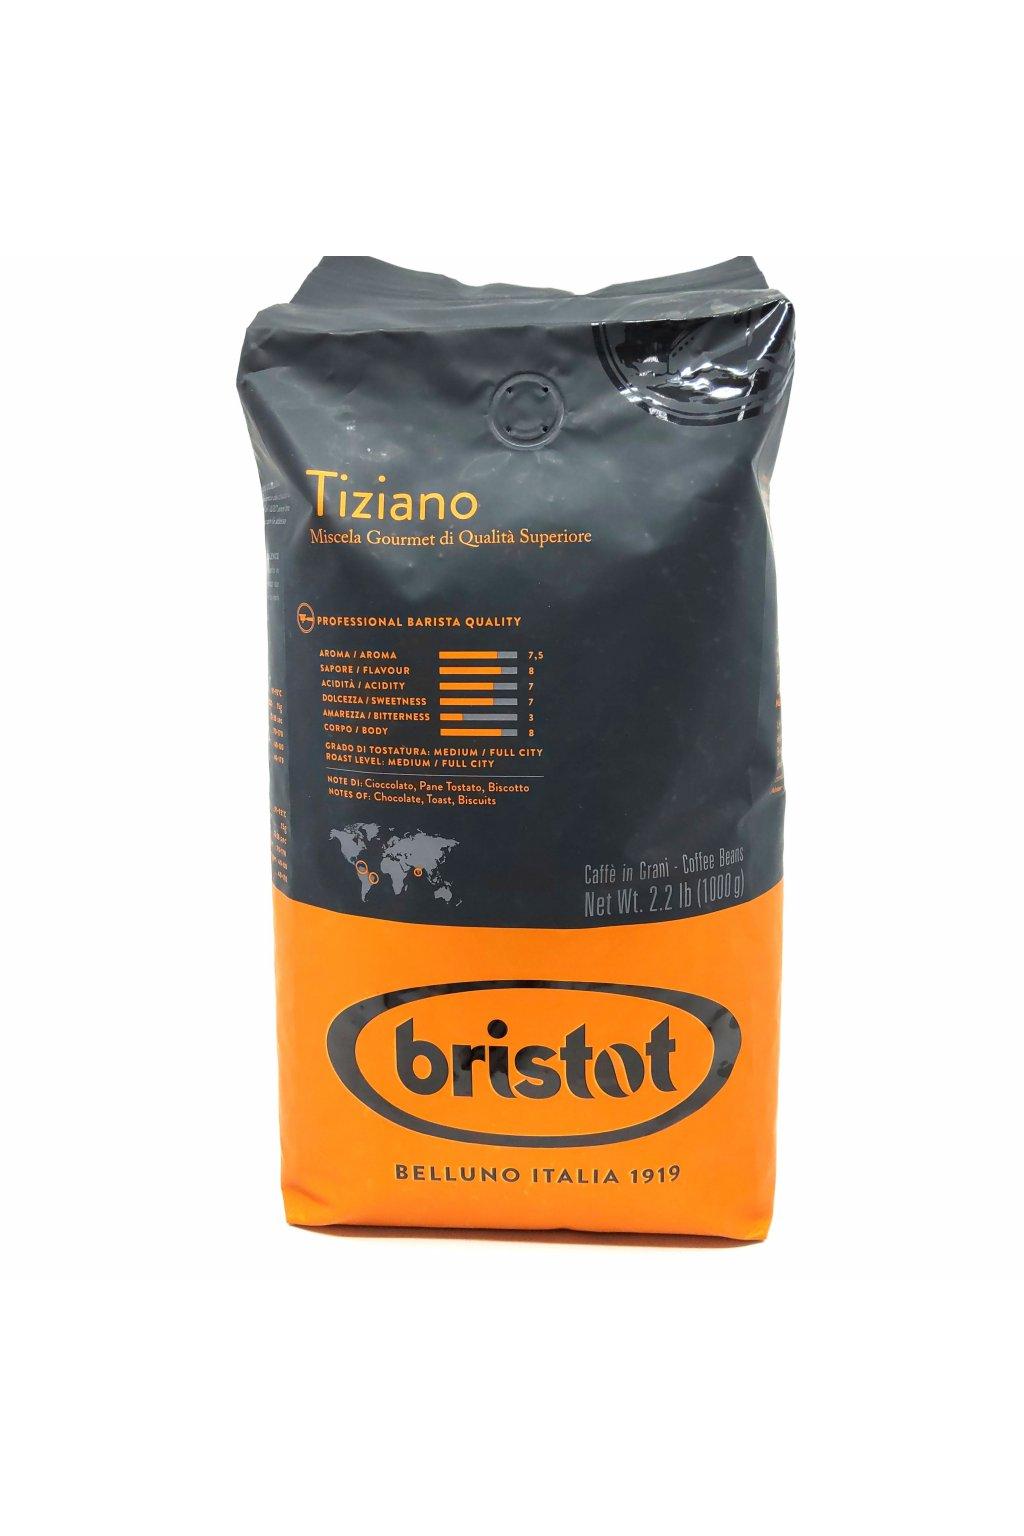 891 bristot tiziano zrnkova kava 1 kg